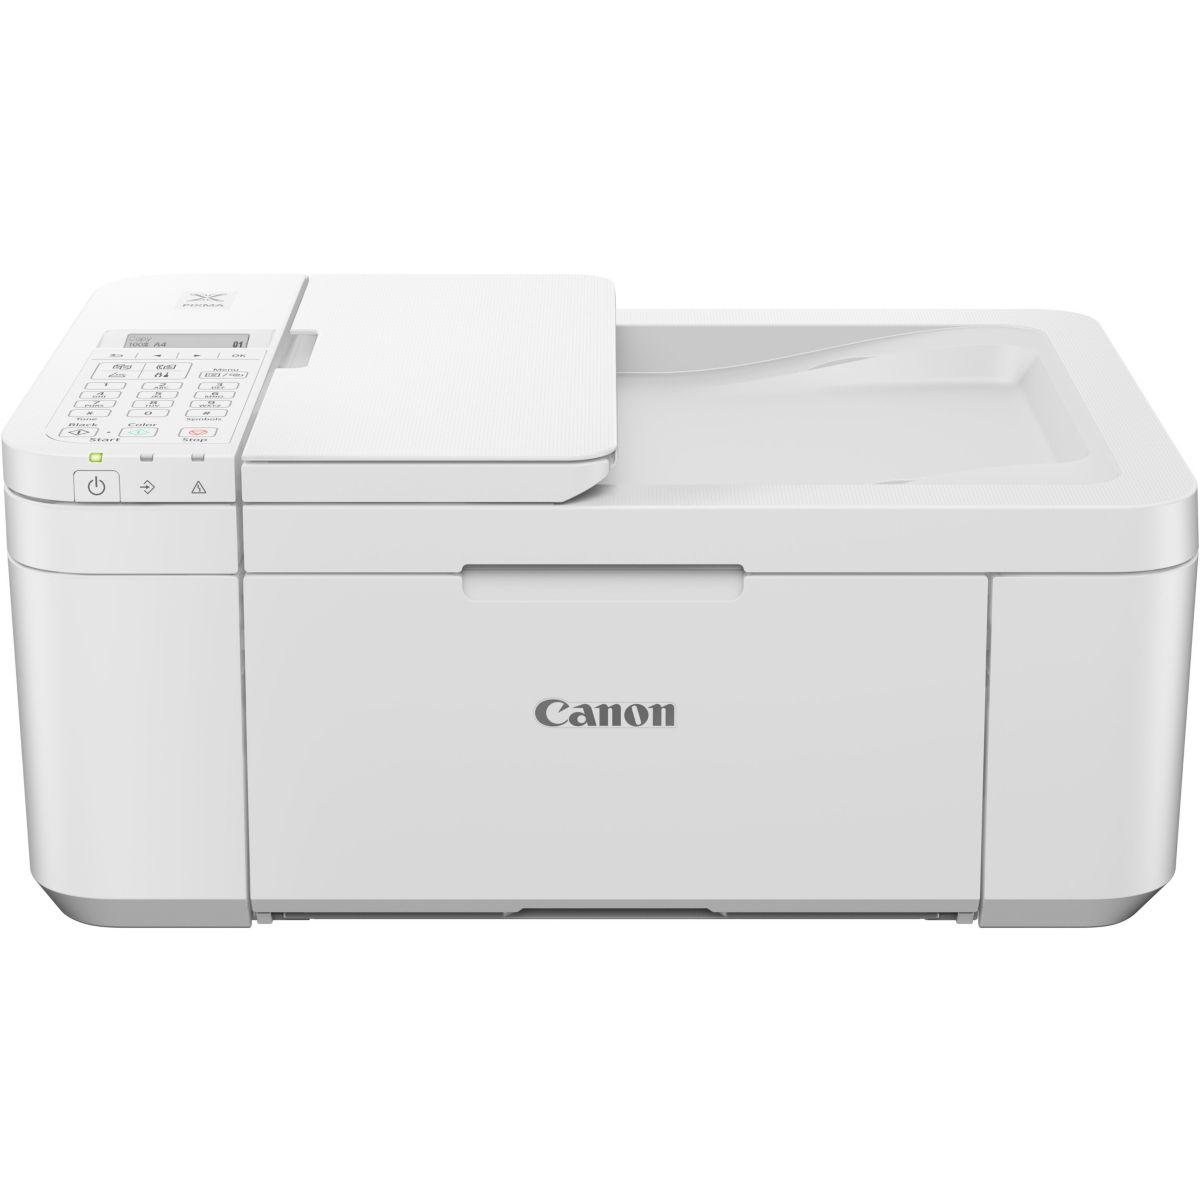 Imprimante jet d'encre CANON TR 4551 blanc (photo)